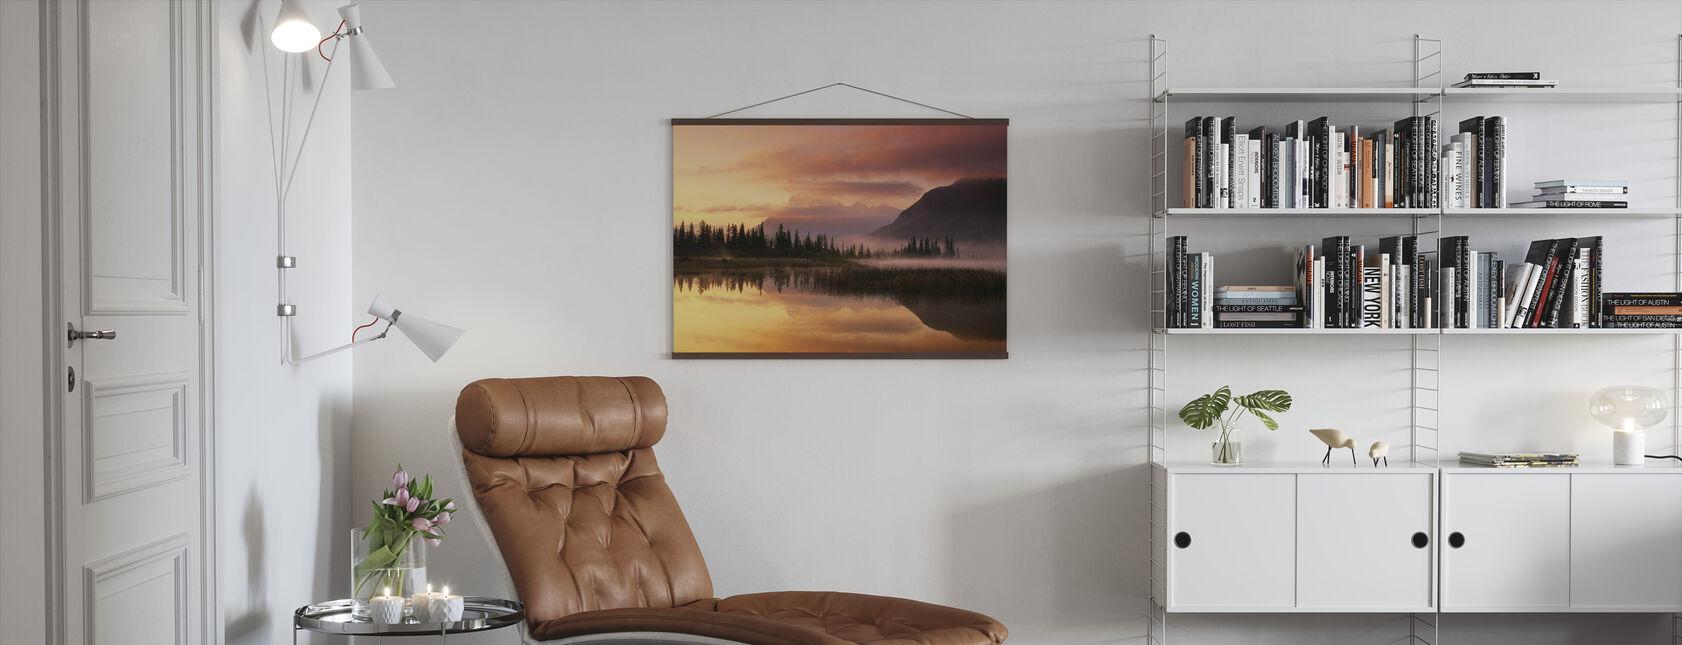 Orange Reflection - Poster - Living Room